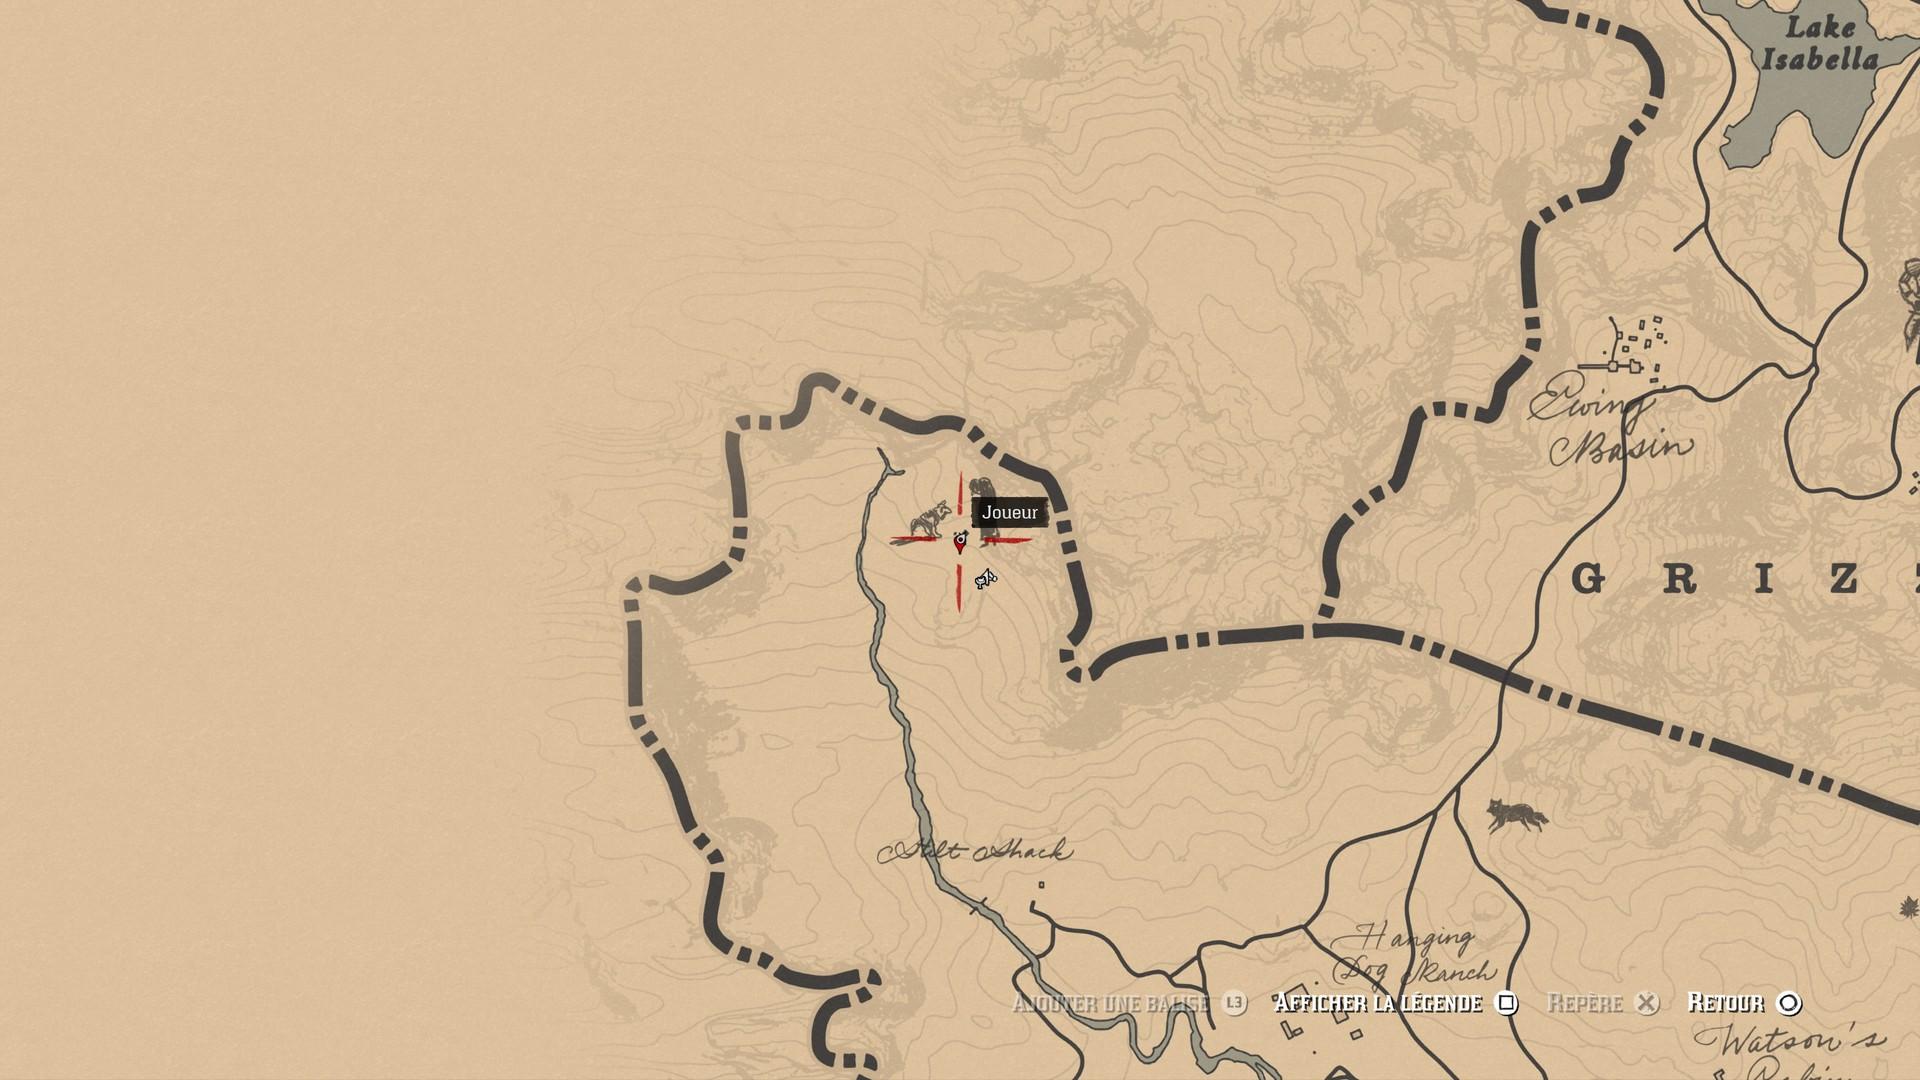 Carte Au Tresor Dechire.Carte Tresor Dechire 1 Sur Le Forum Red Dead Online 05 11